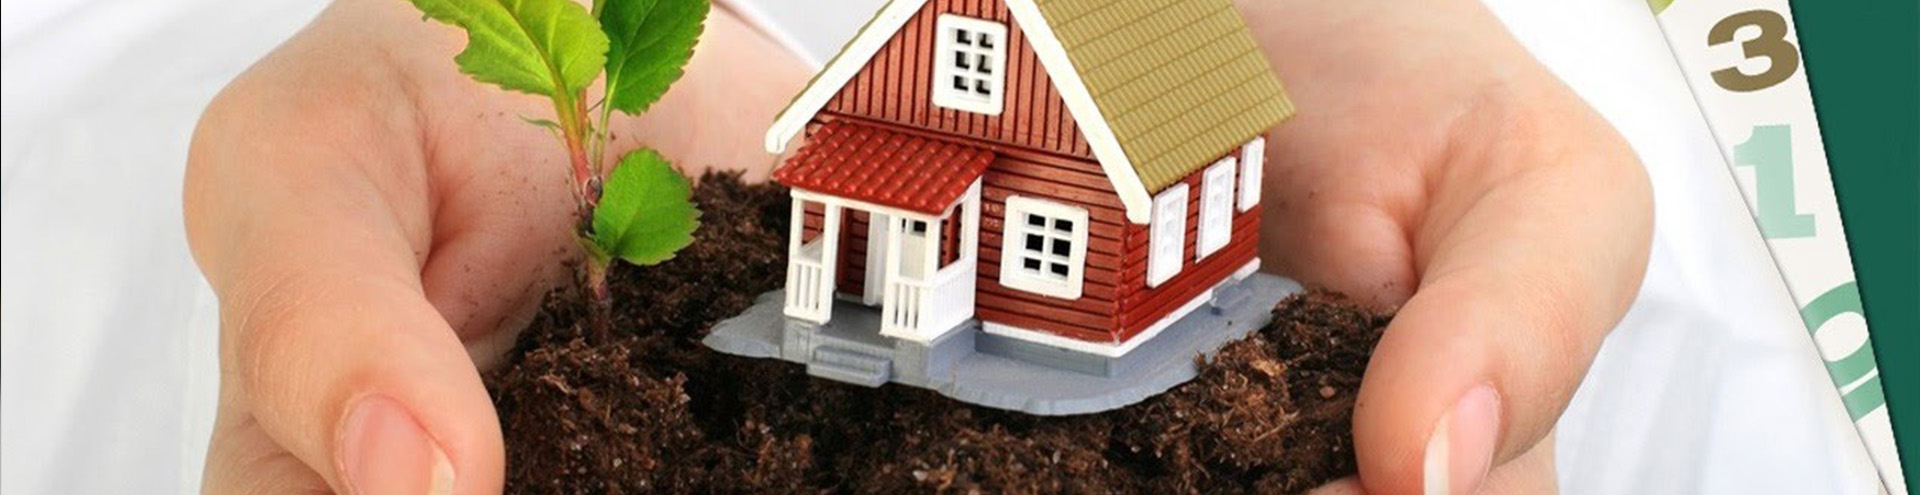 Признание права собственности в Оренбурге и Оренбургской области